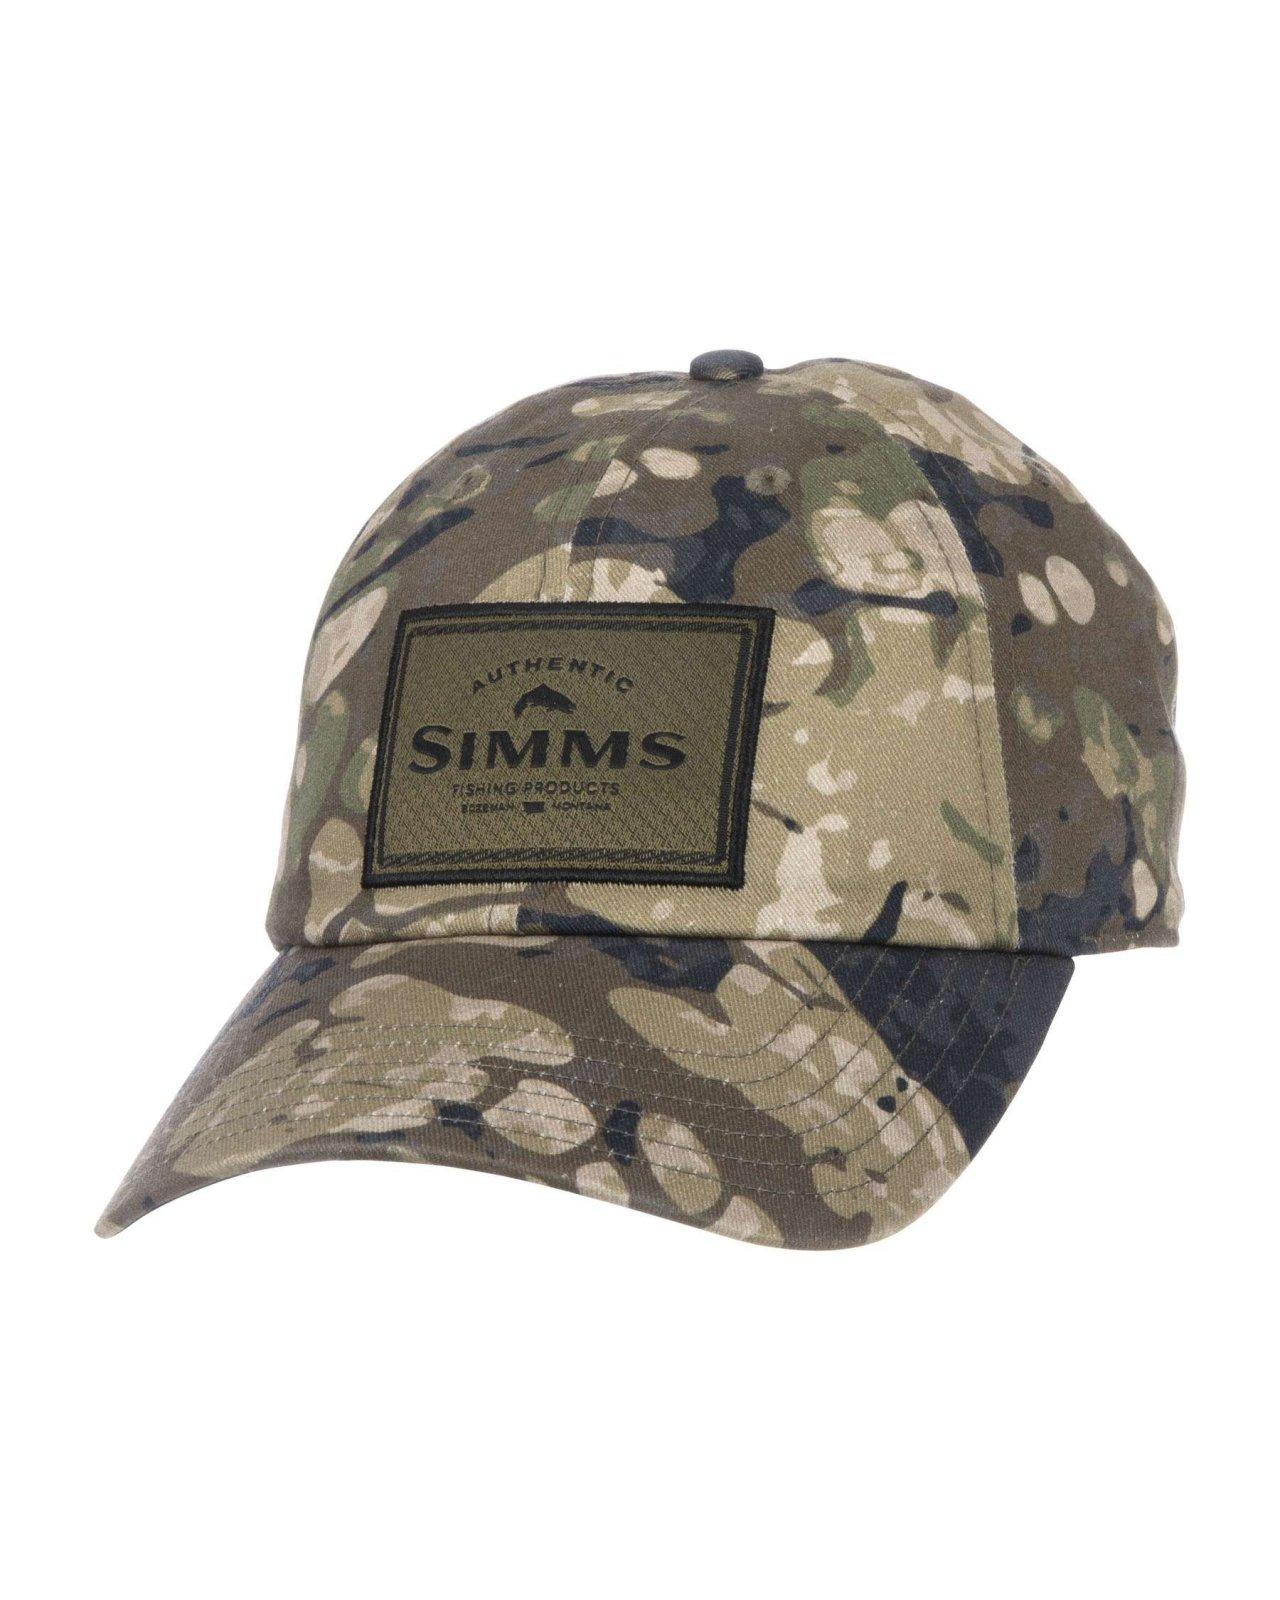 Simms Single Haul Cap Riparian Camo